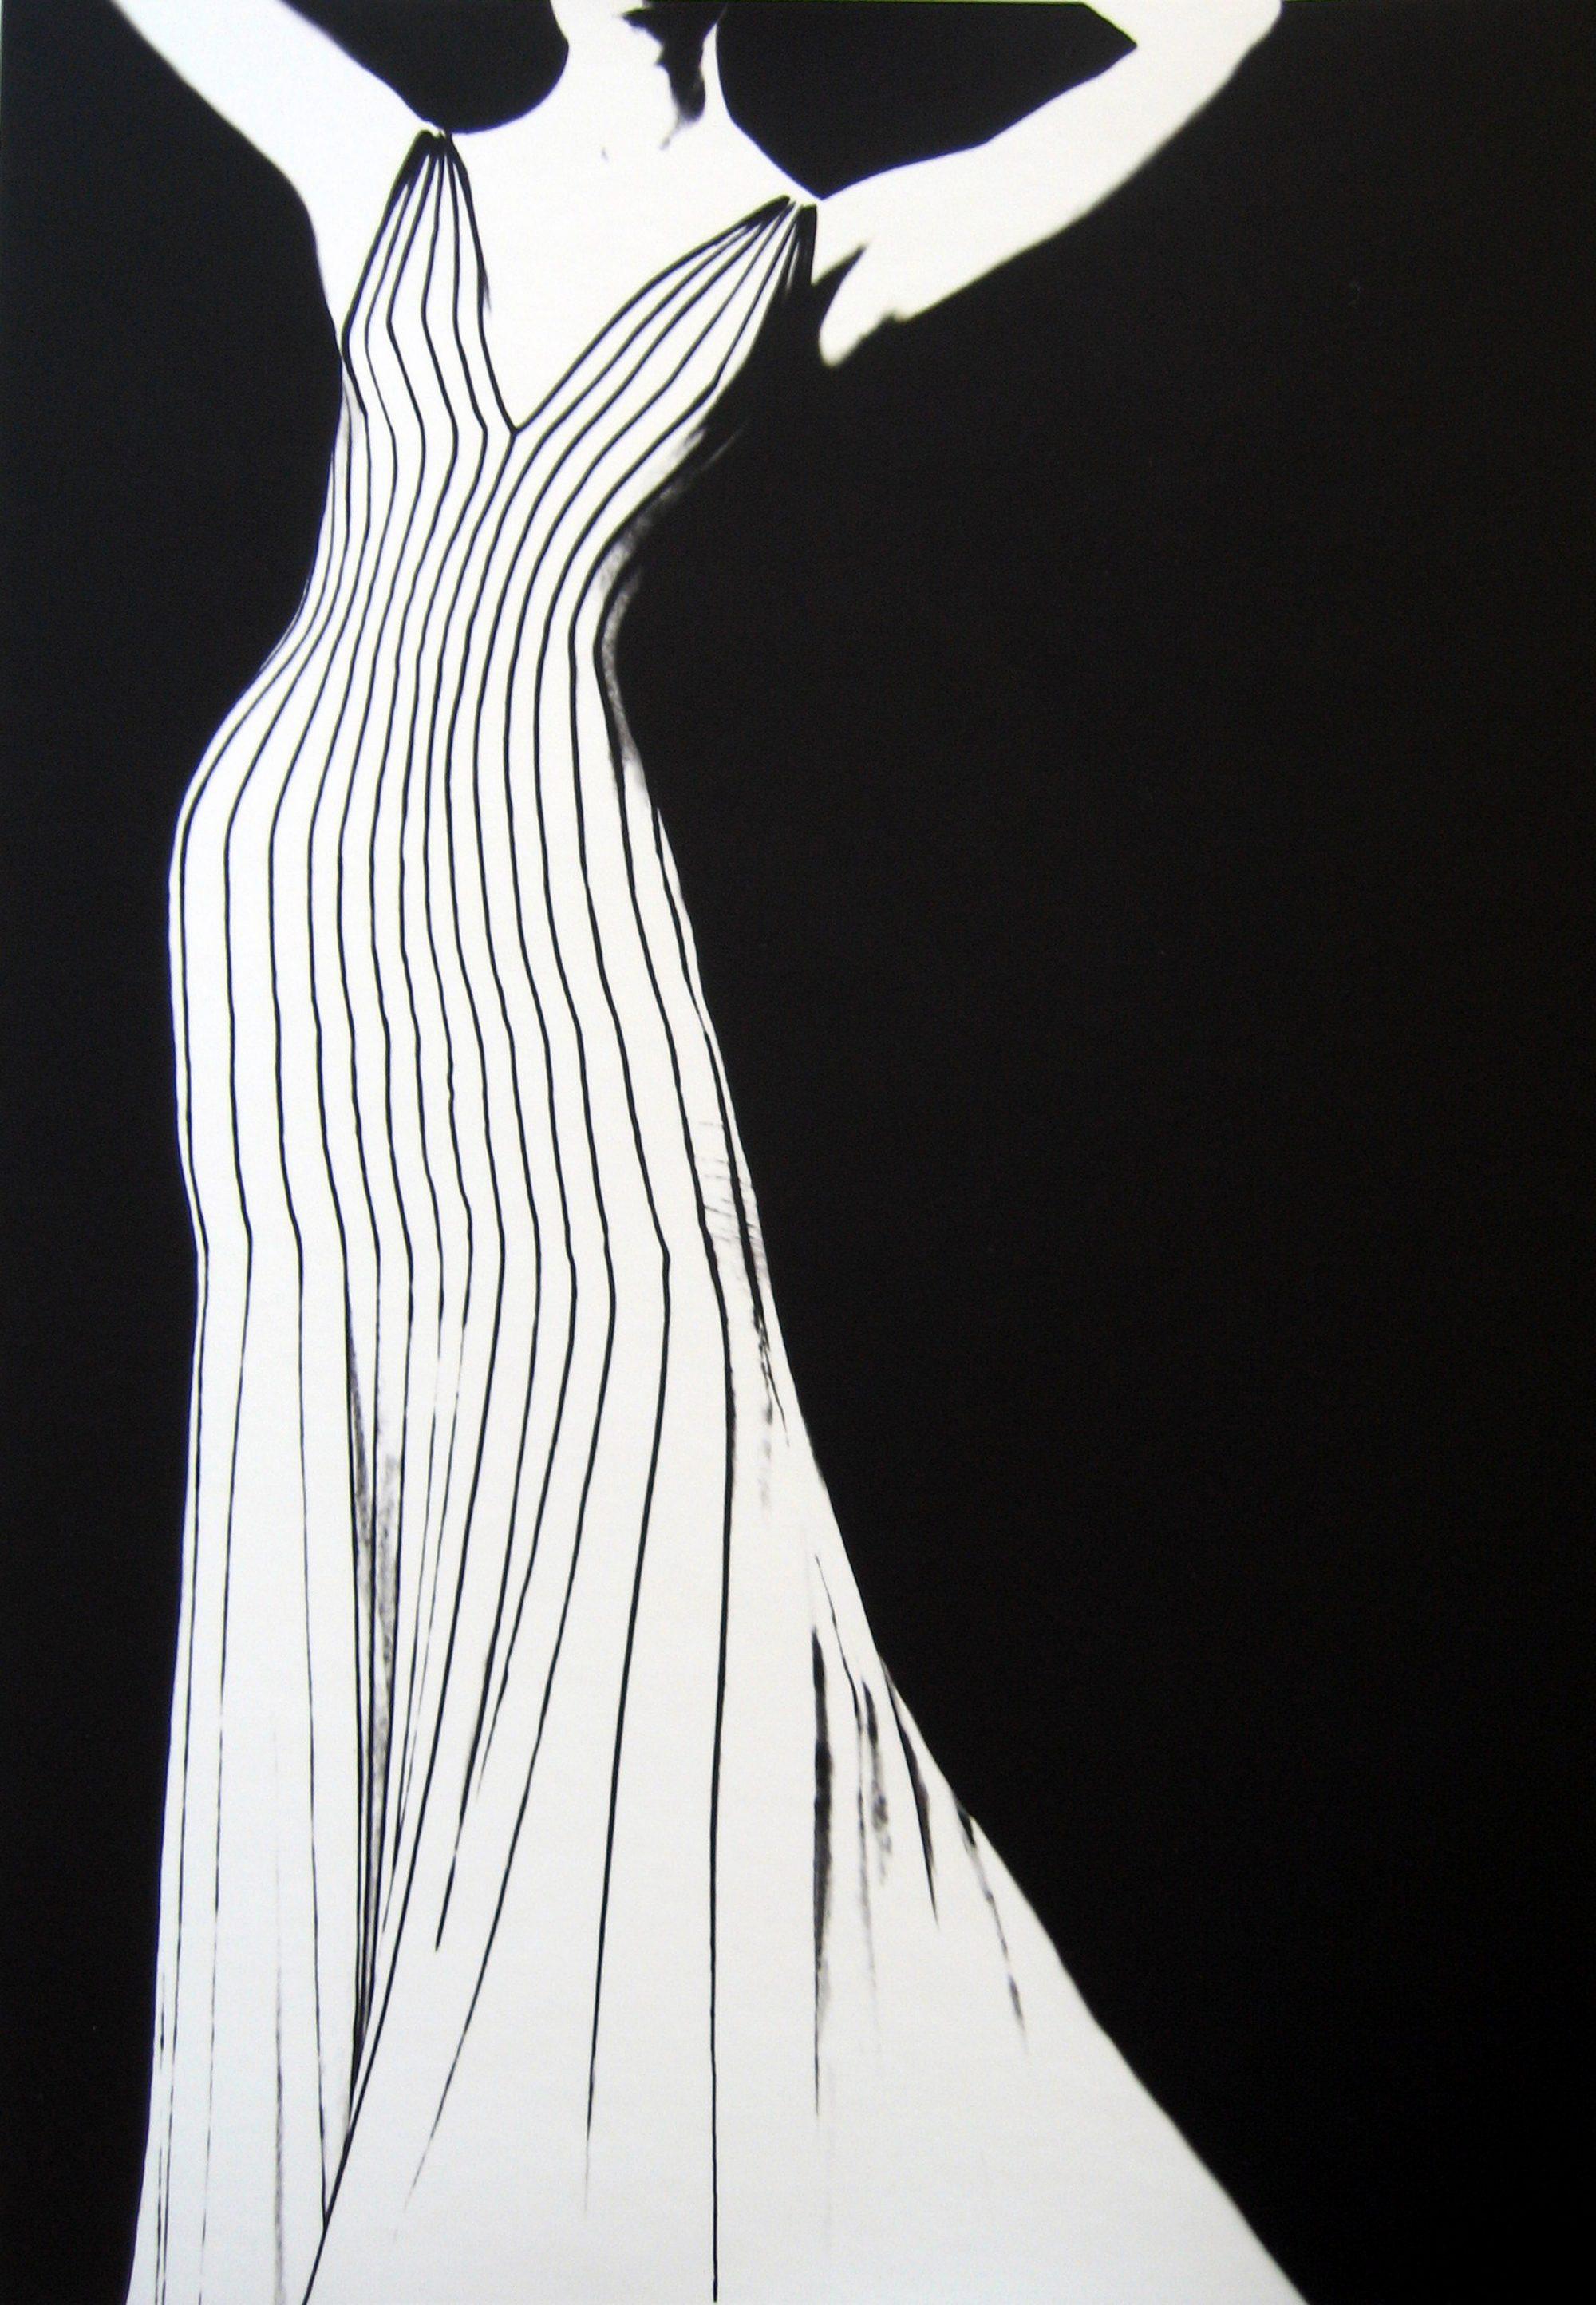 Fotó: Lillian Bassman: Dress by Theirry Mugler, German Vogue, 1998